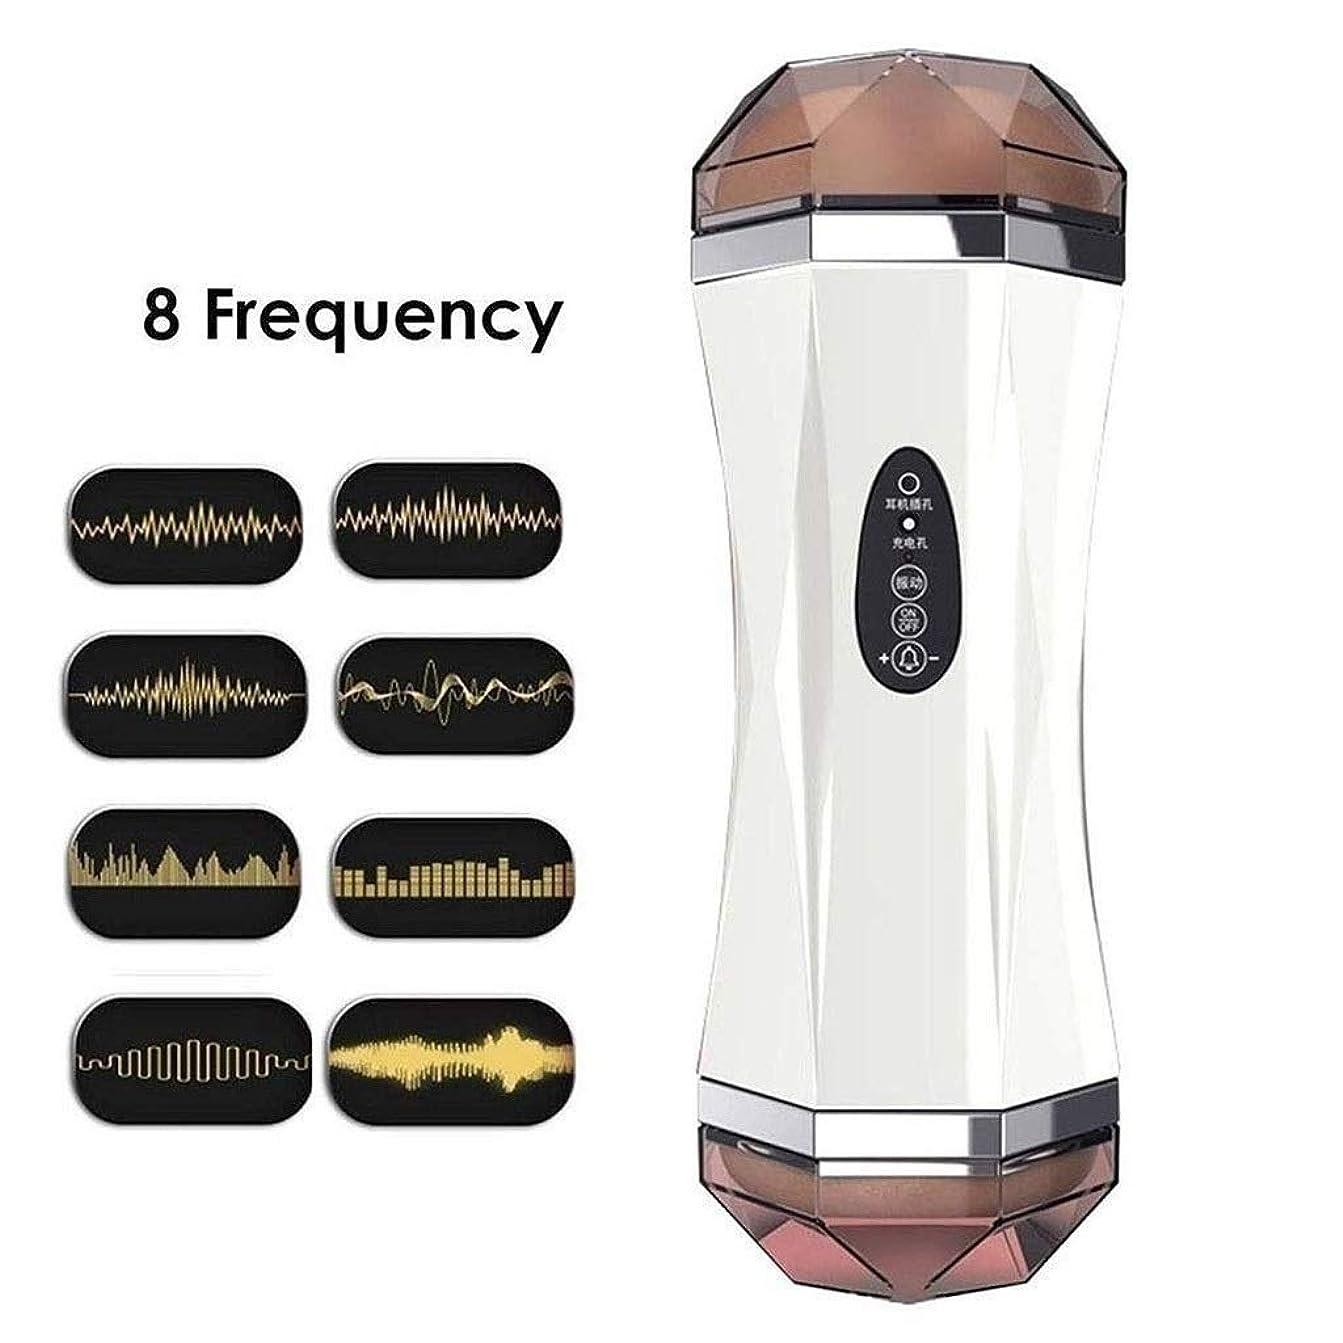 繁雑爆風ナース男性USB充電式インテリジェントハンズフリーオートオーラルカップ誘発ディープスロート自動吸いマッサージャーTシャツを吸います